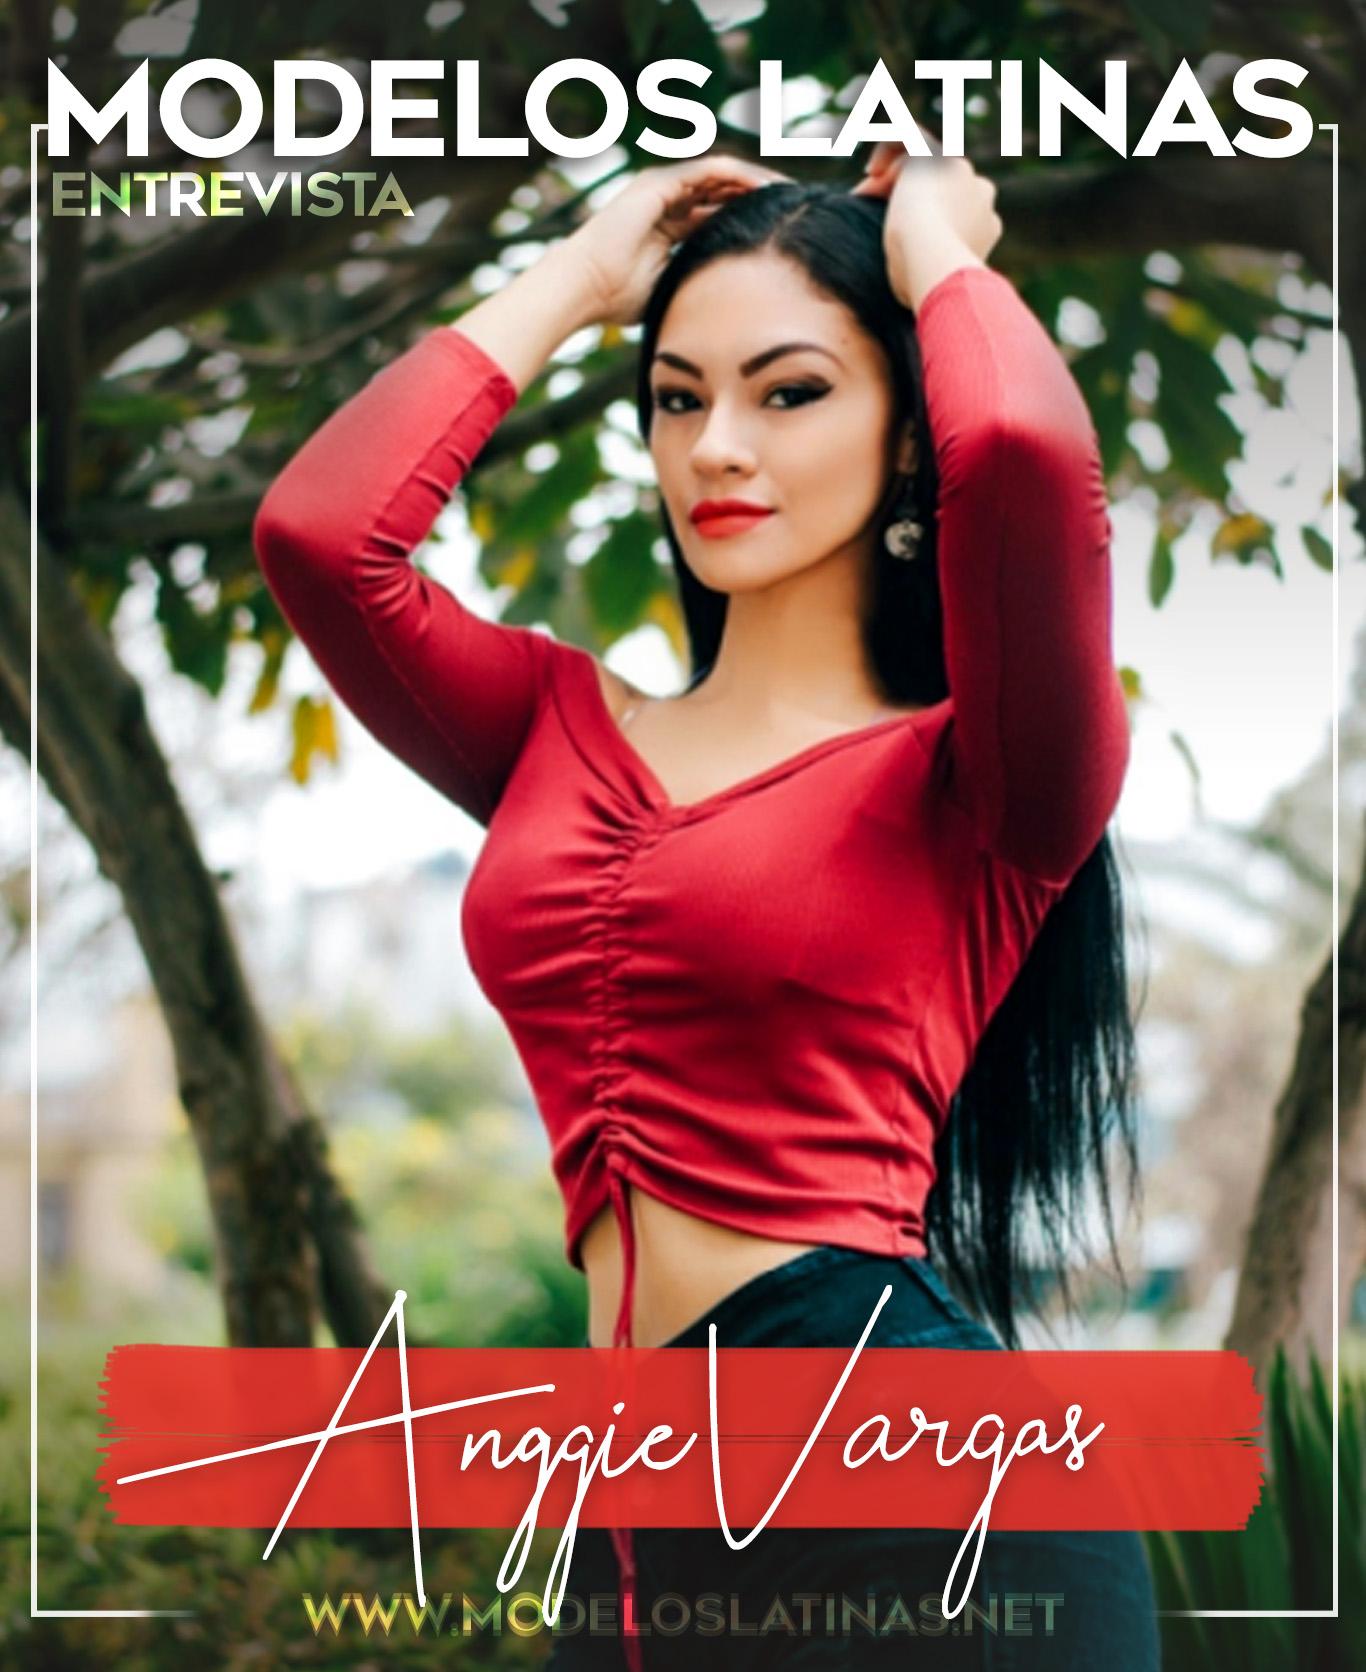 Anggie Vargas